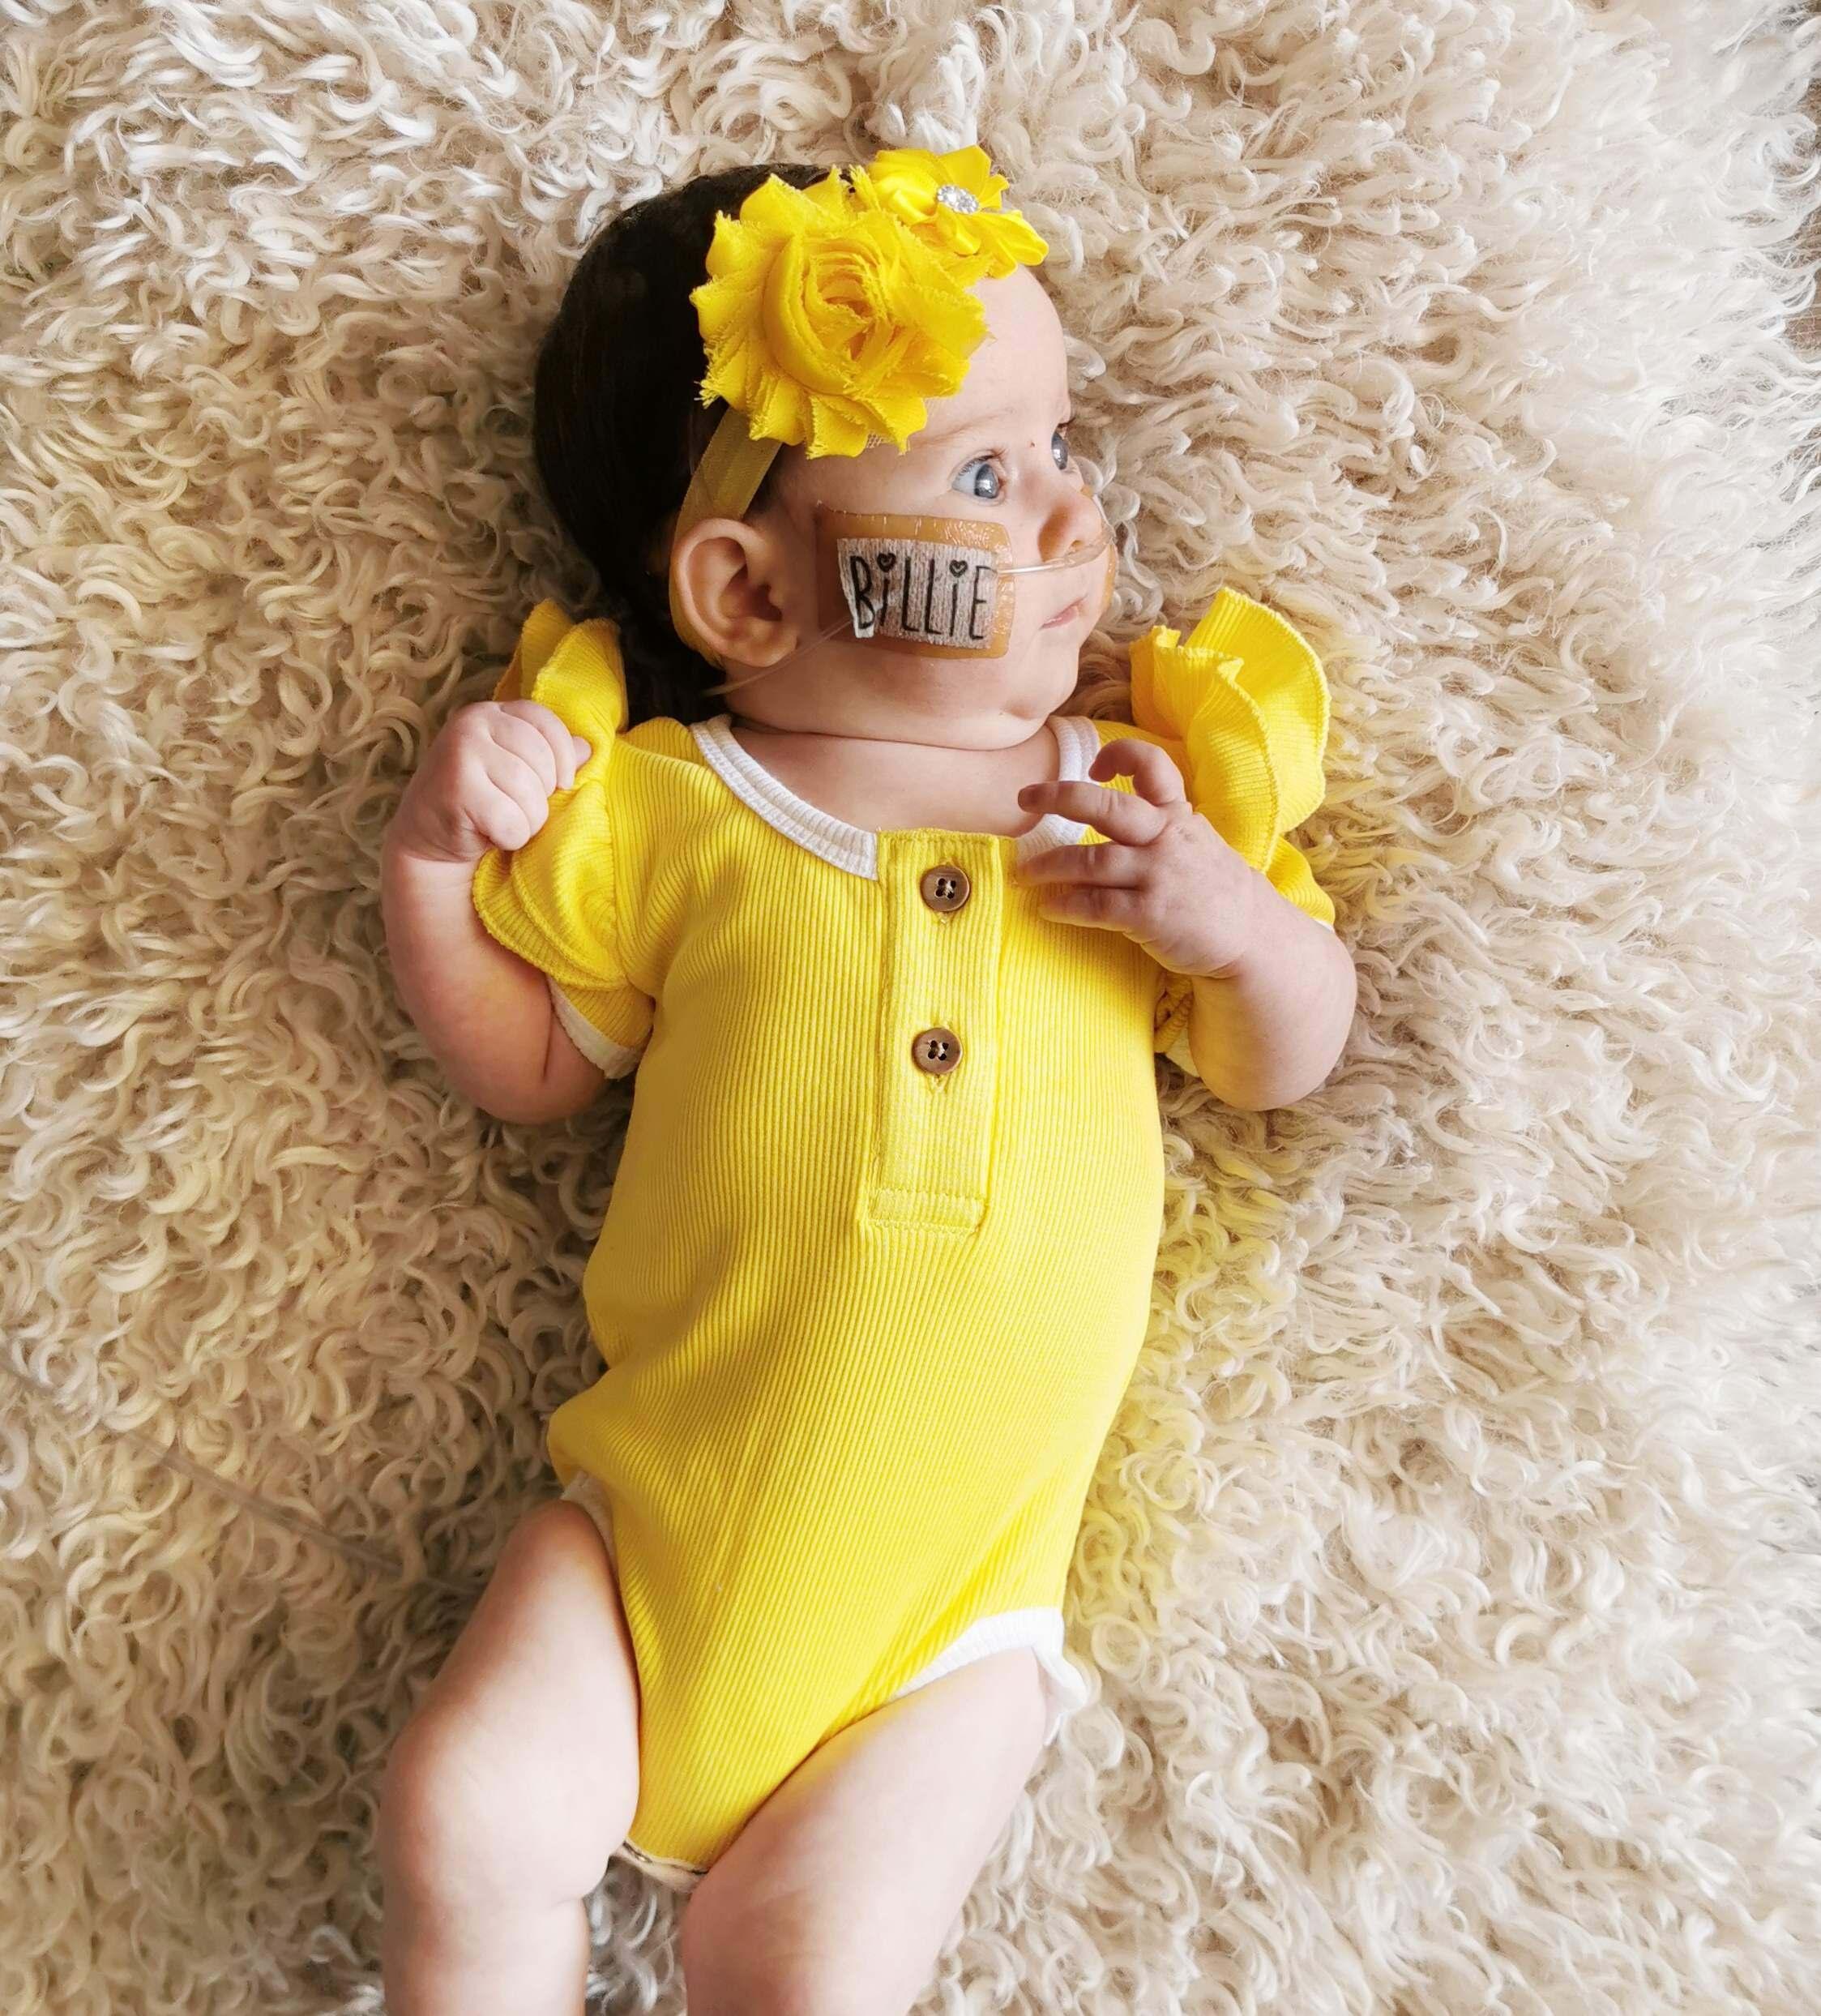 new born girl in yellow top